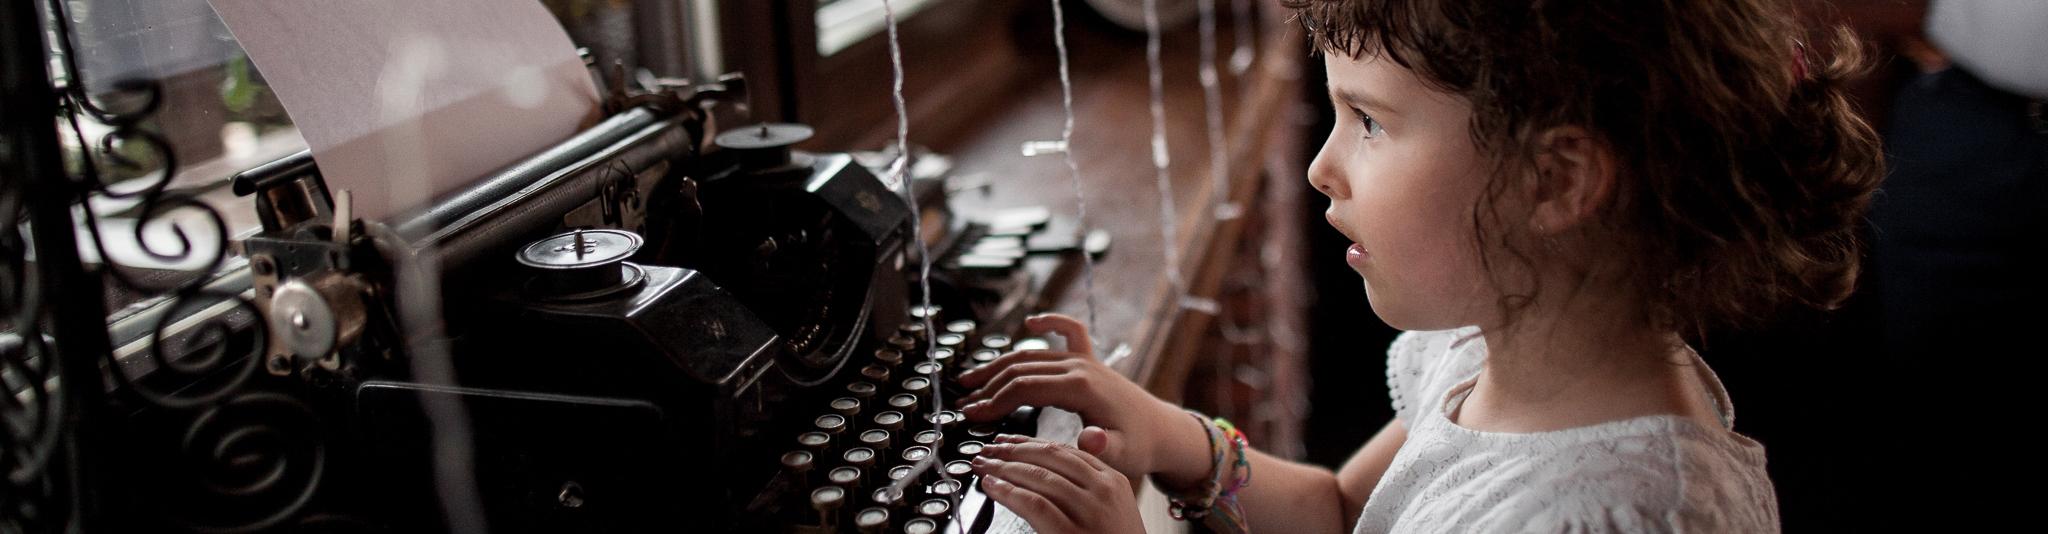 Dítě píše na psacím stroji - Svatební fotografie